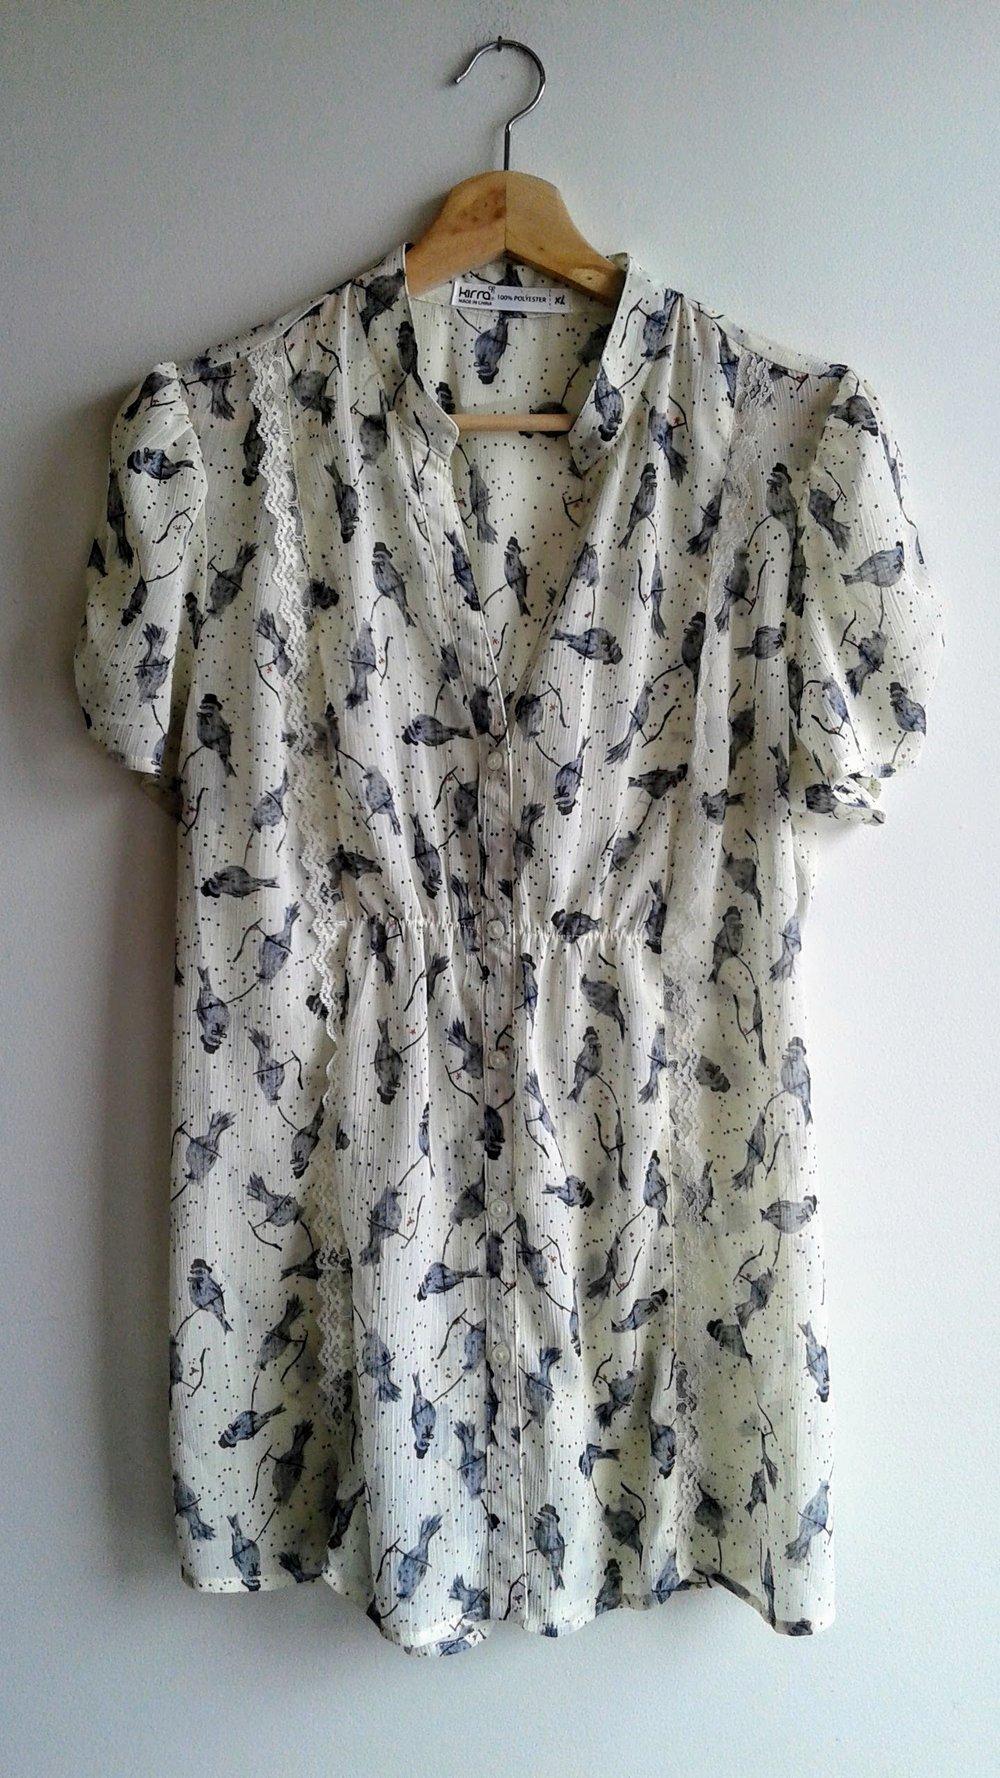 Kirra top; Size L, $26